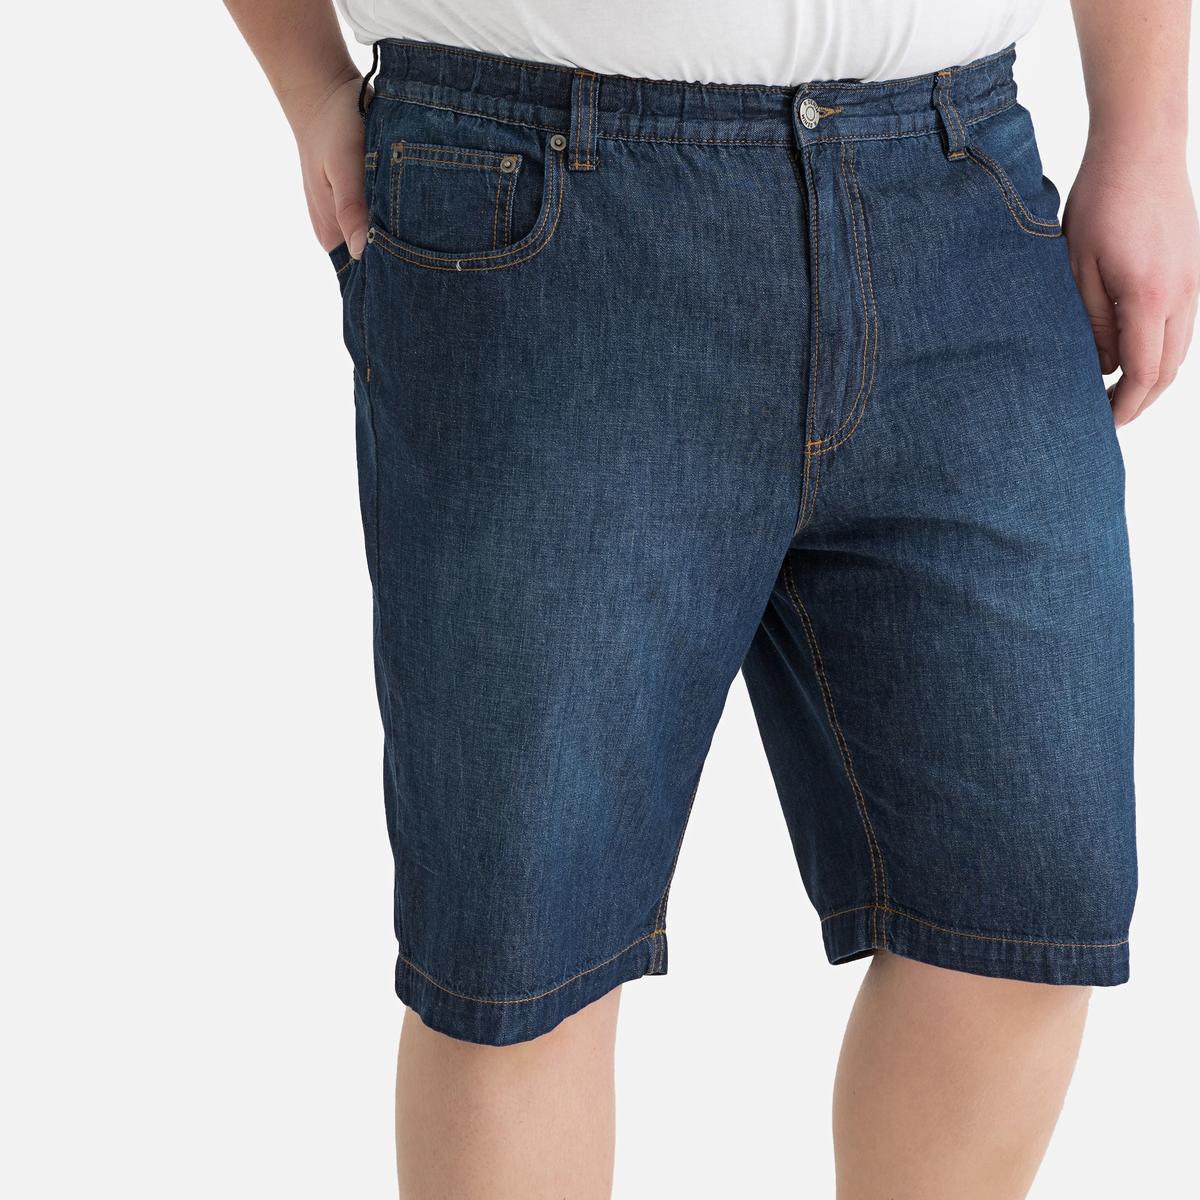 Bermudas 5 bolsos, cintura elástica